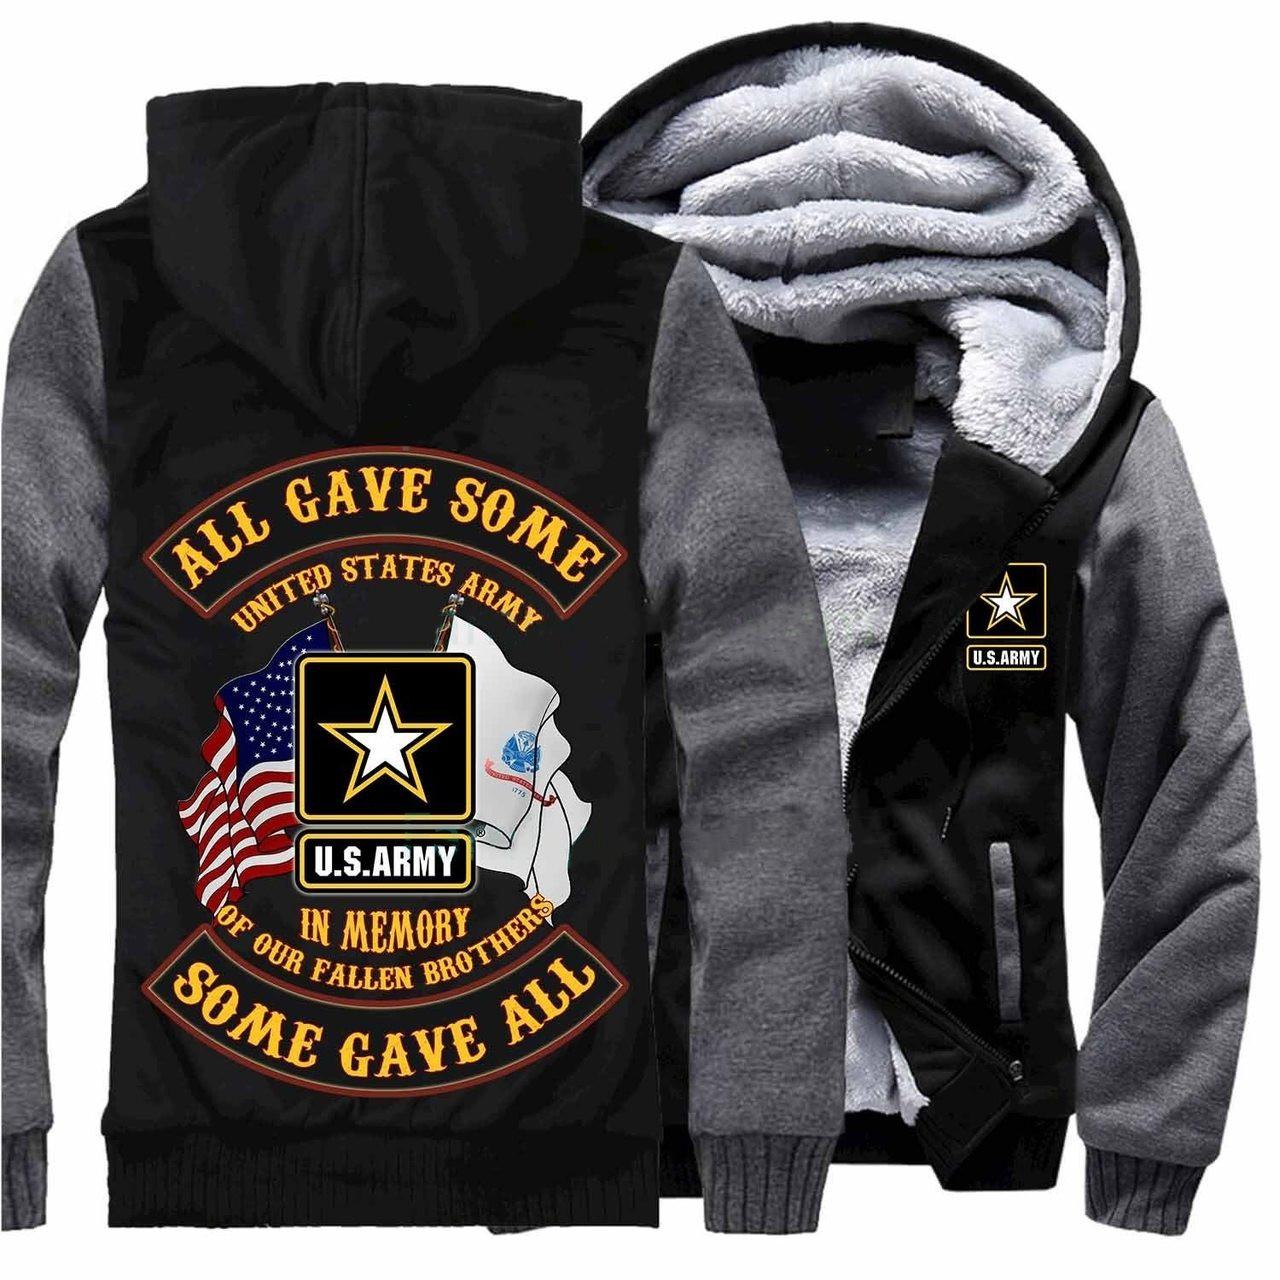 United States Army Hoodie Army Crest Patriotic Sweatshirt